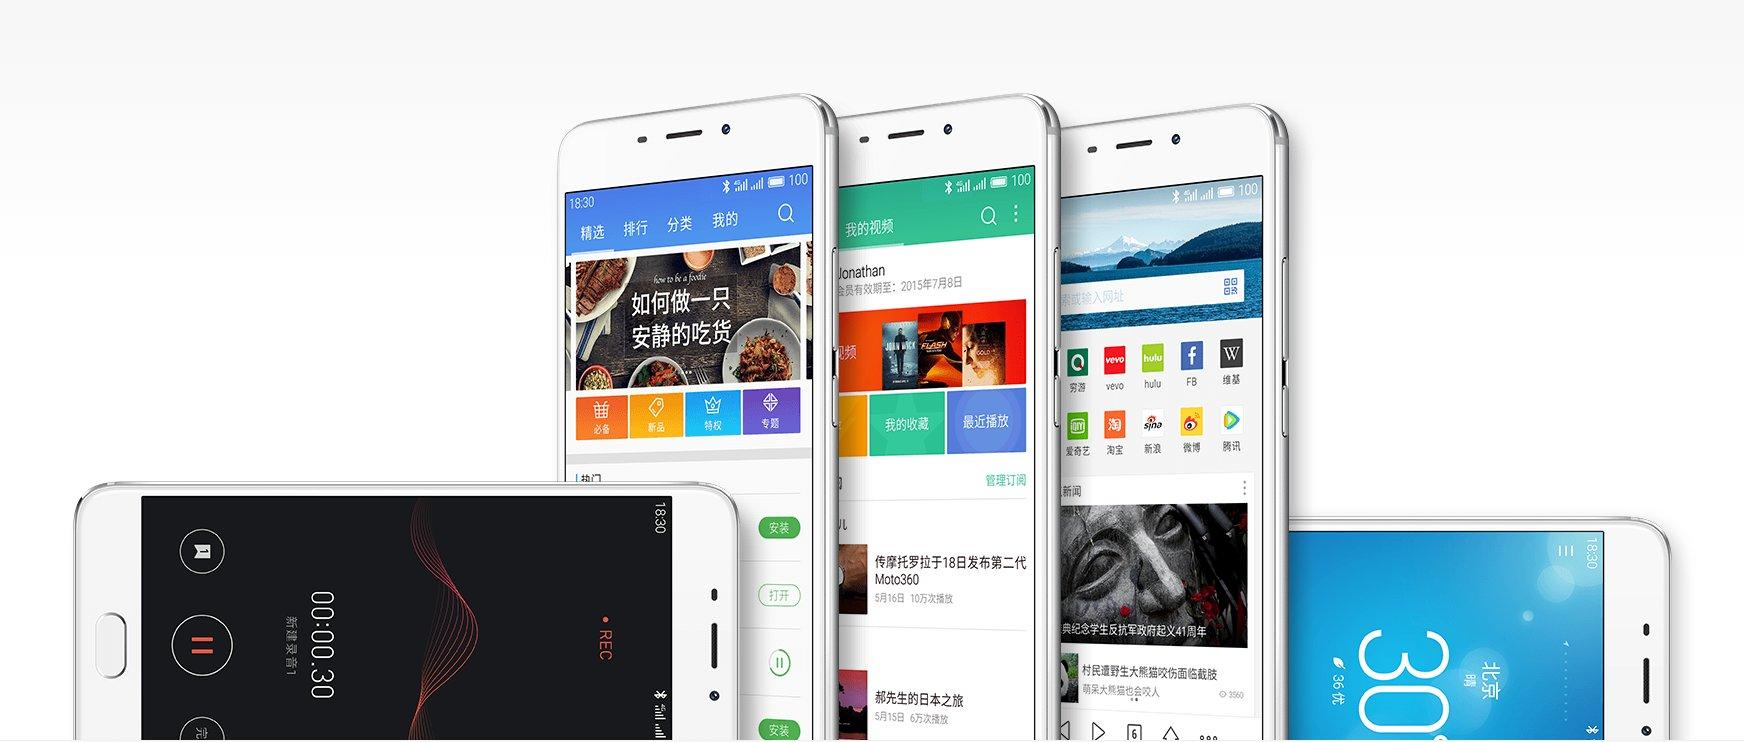 Yun OS mit Flyme UI